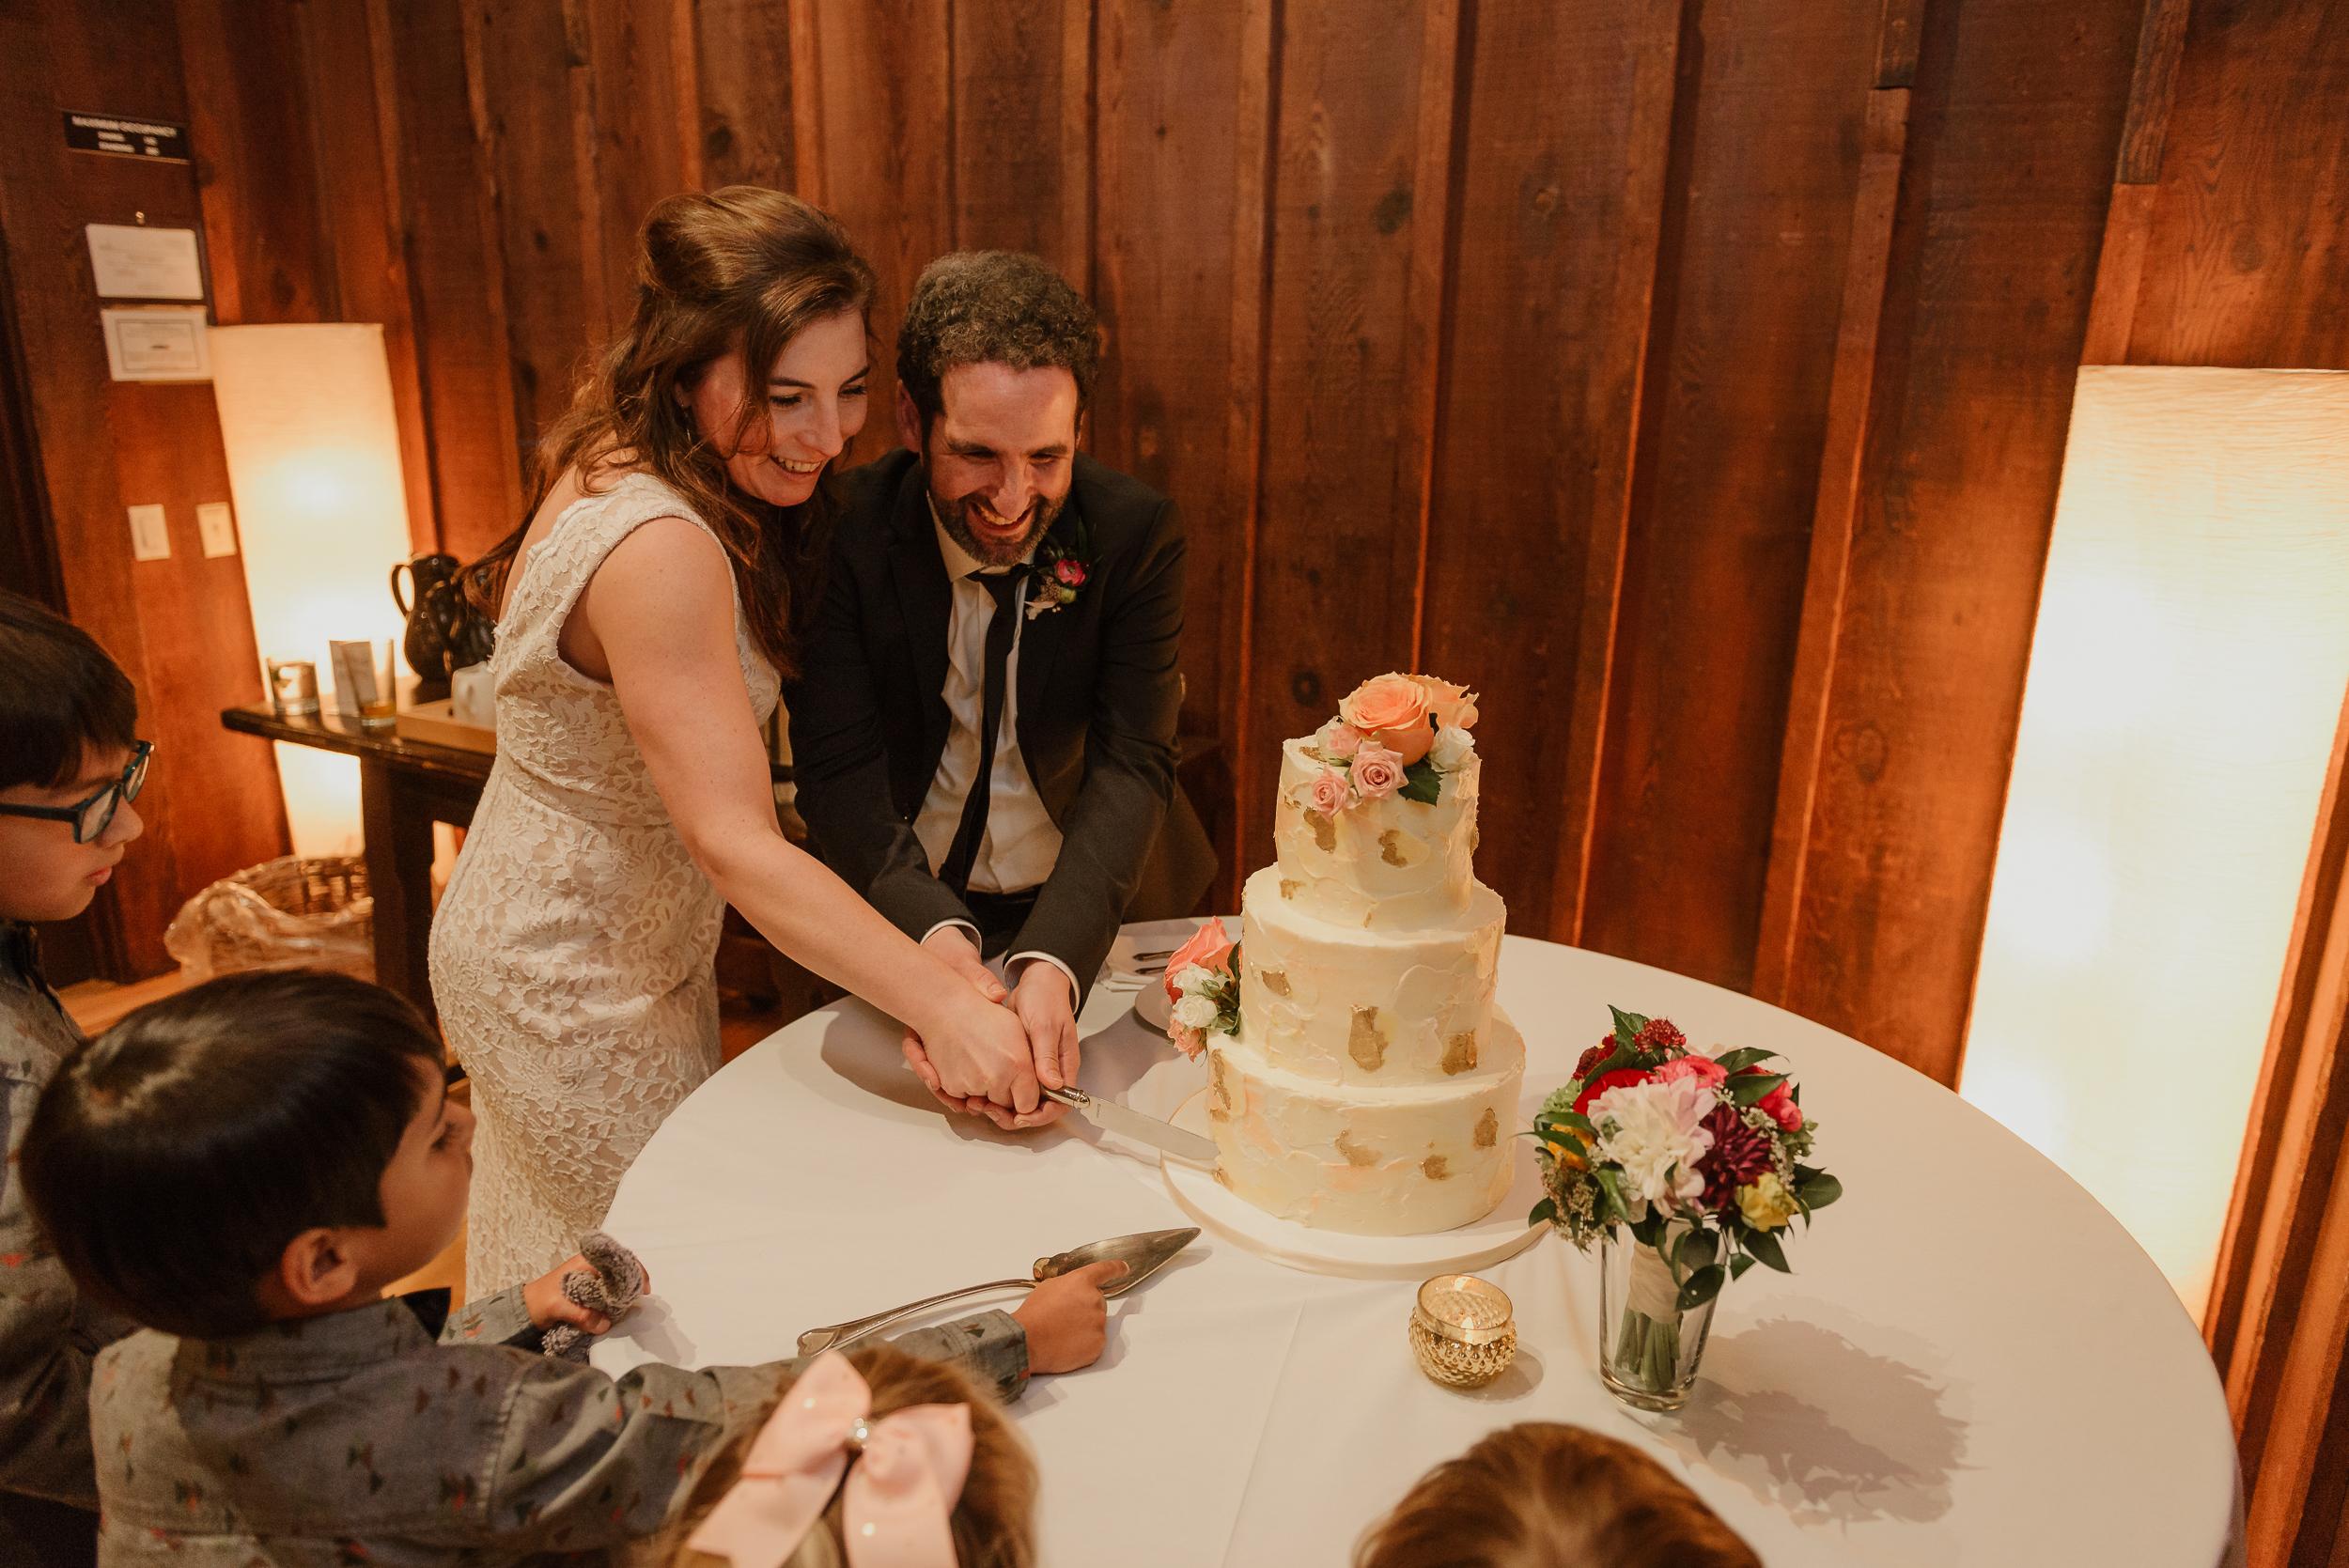 075winter-mill-valley-wedding-outdoor-art-club-wedding-vivianchen-430.jpg